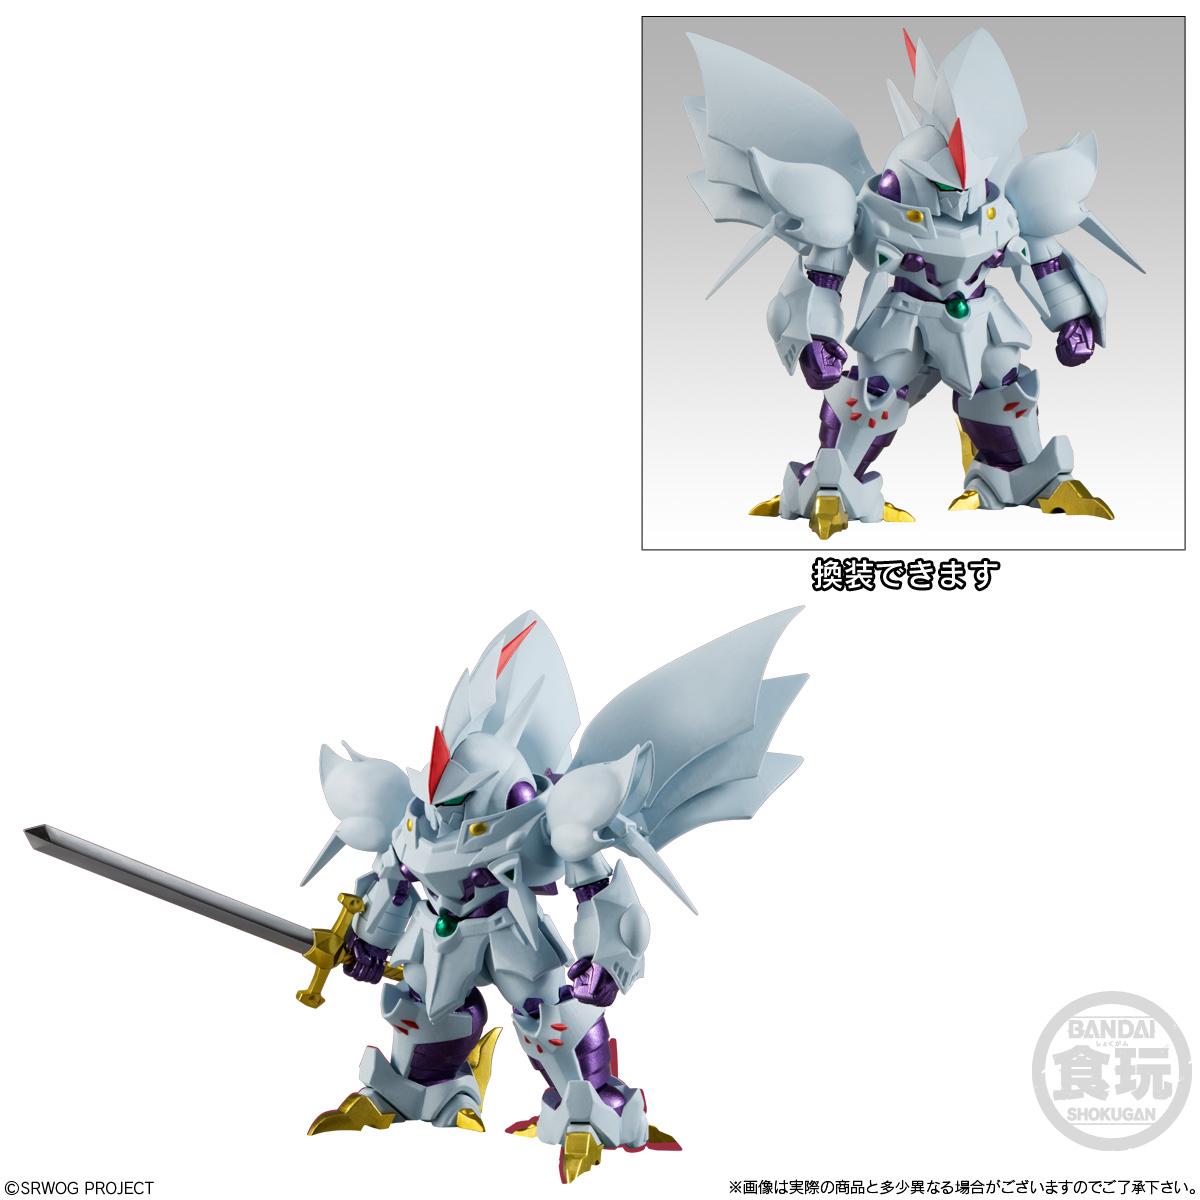 【食玩】スーパーロボット大戦OG『ORIGINAL COLLECTION 01』4個入りBOX-004